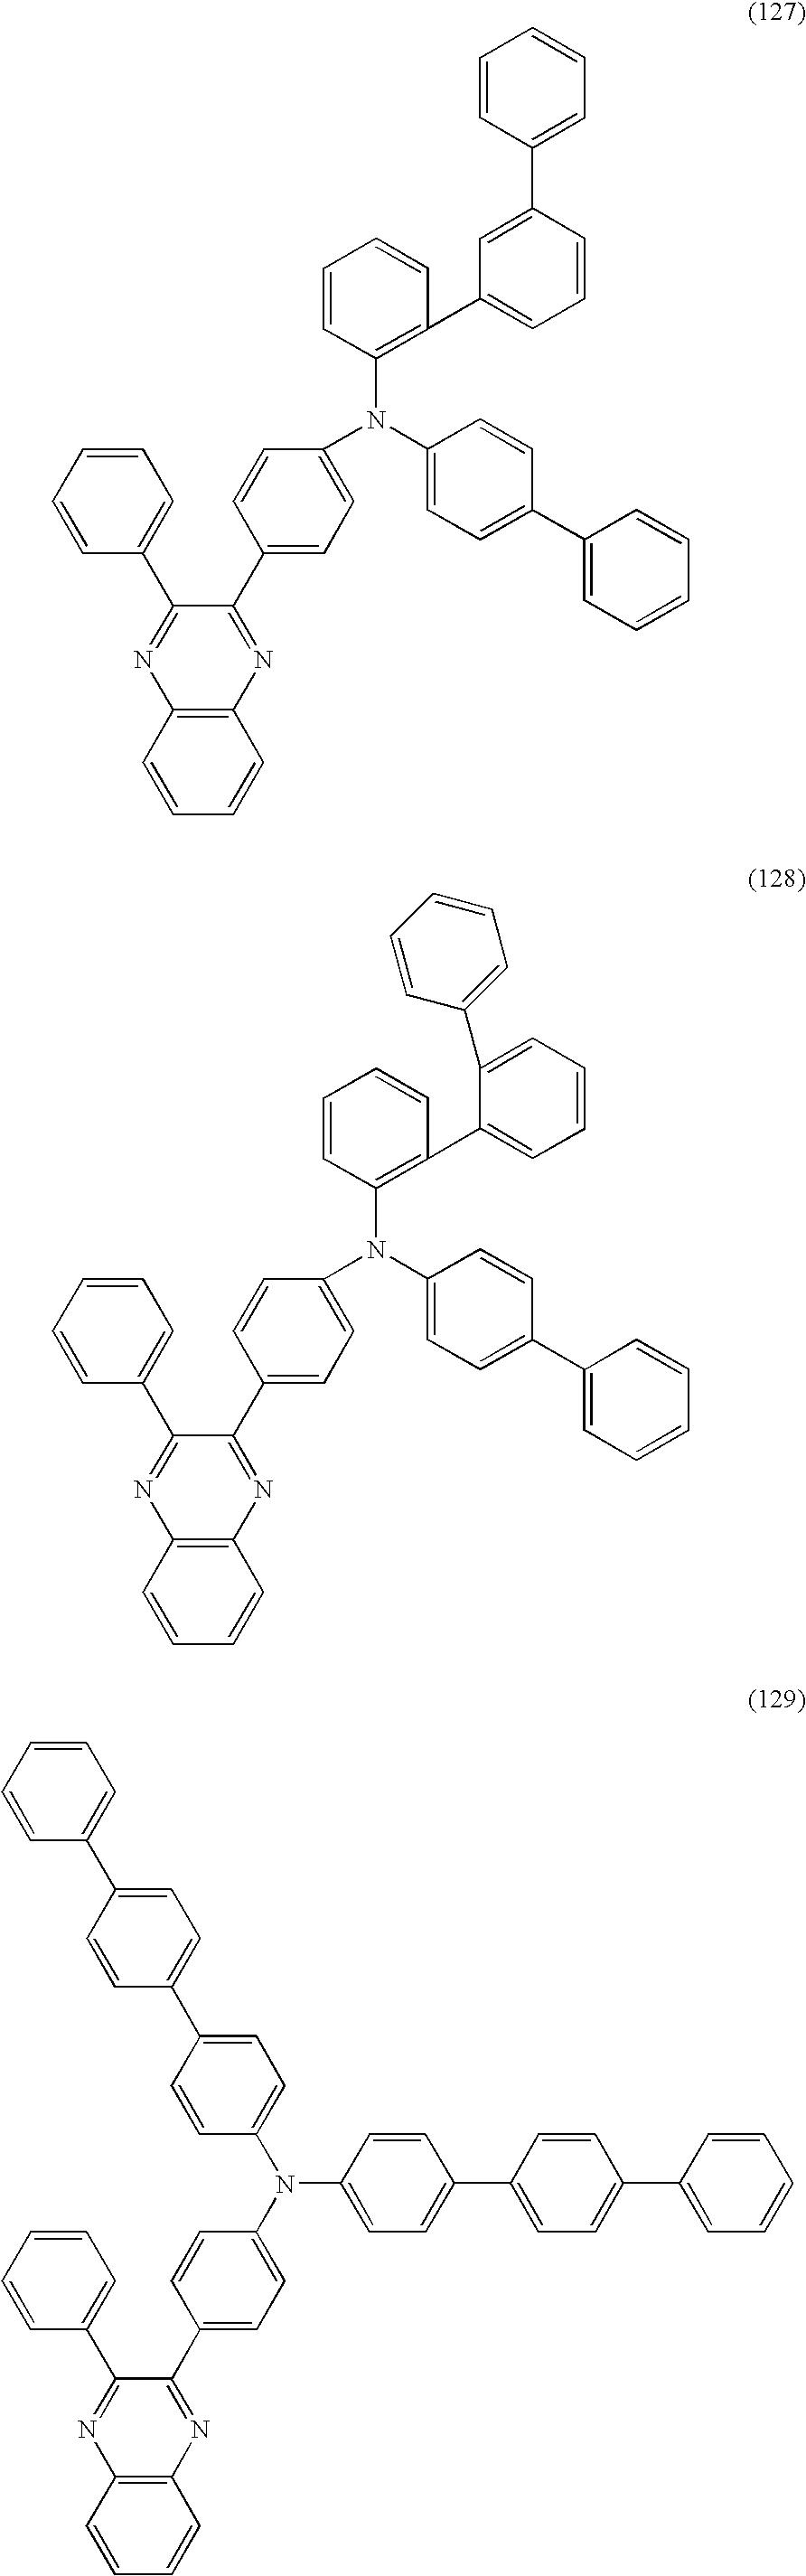 Figure US08178216-20120515-C00045